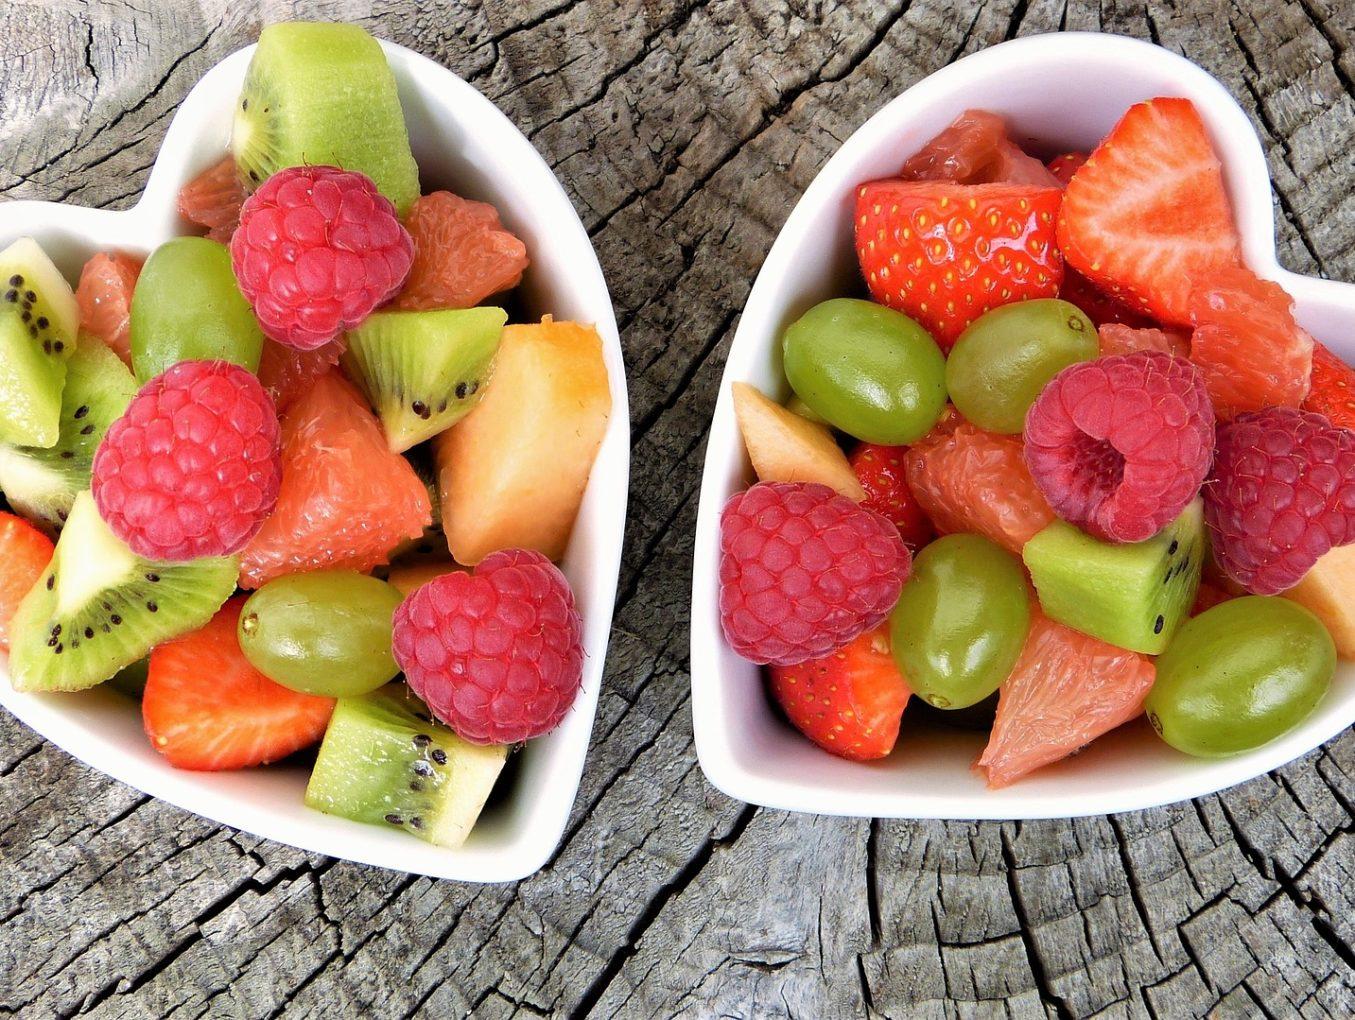 Maintenir un bon équilibre alimentaire